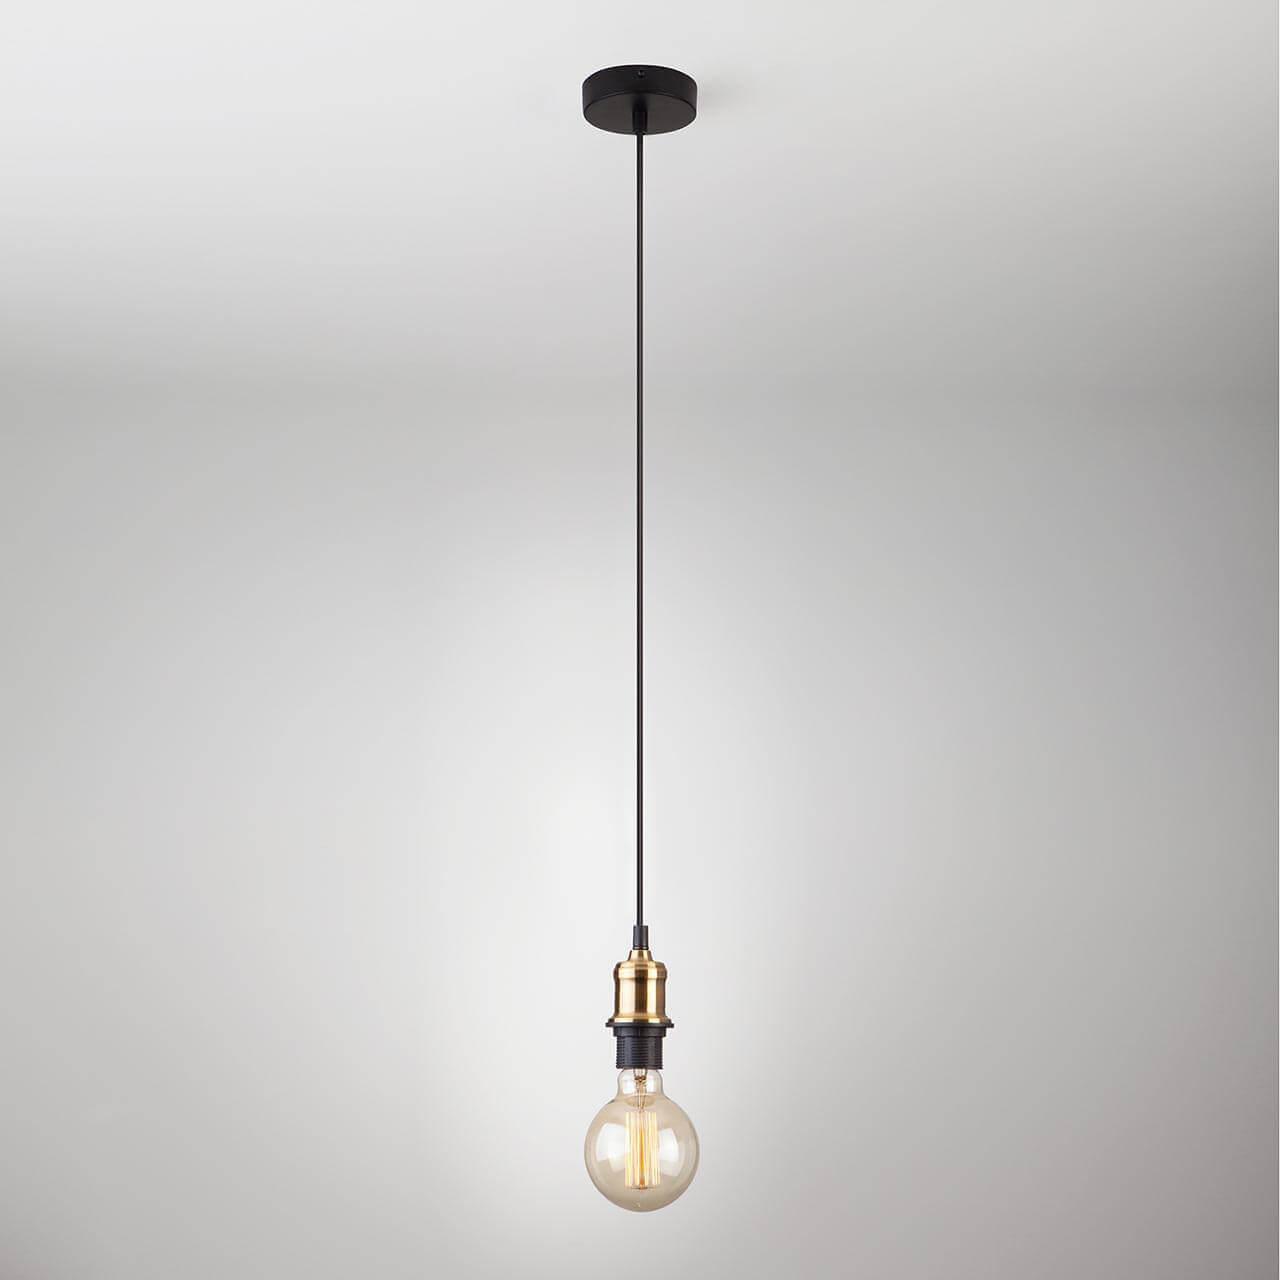 Подвесной светильник Eurosvet 40127/1 античная бронза